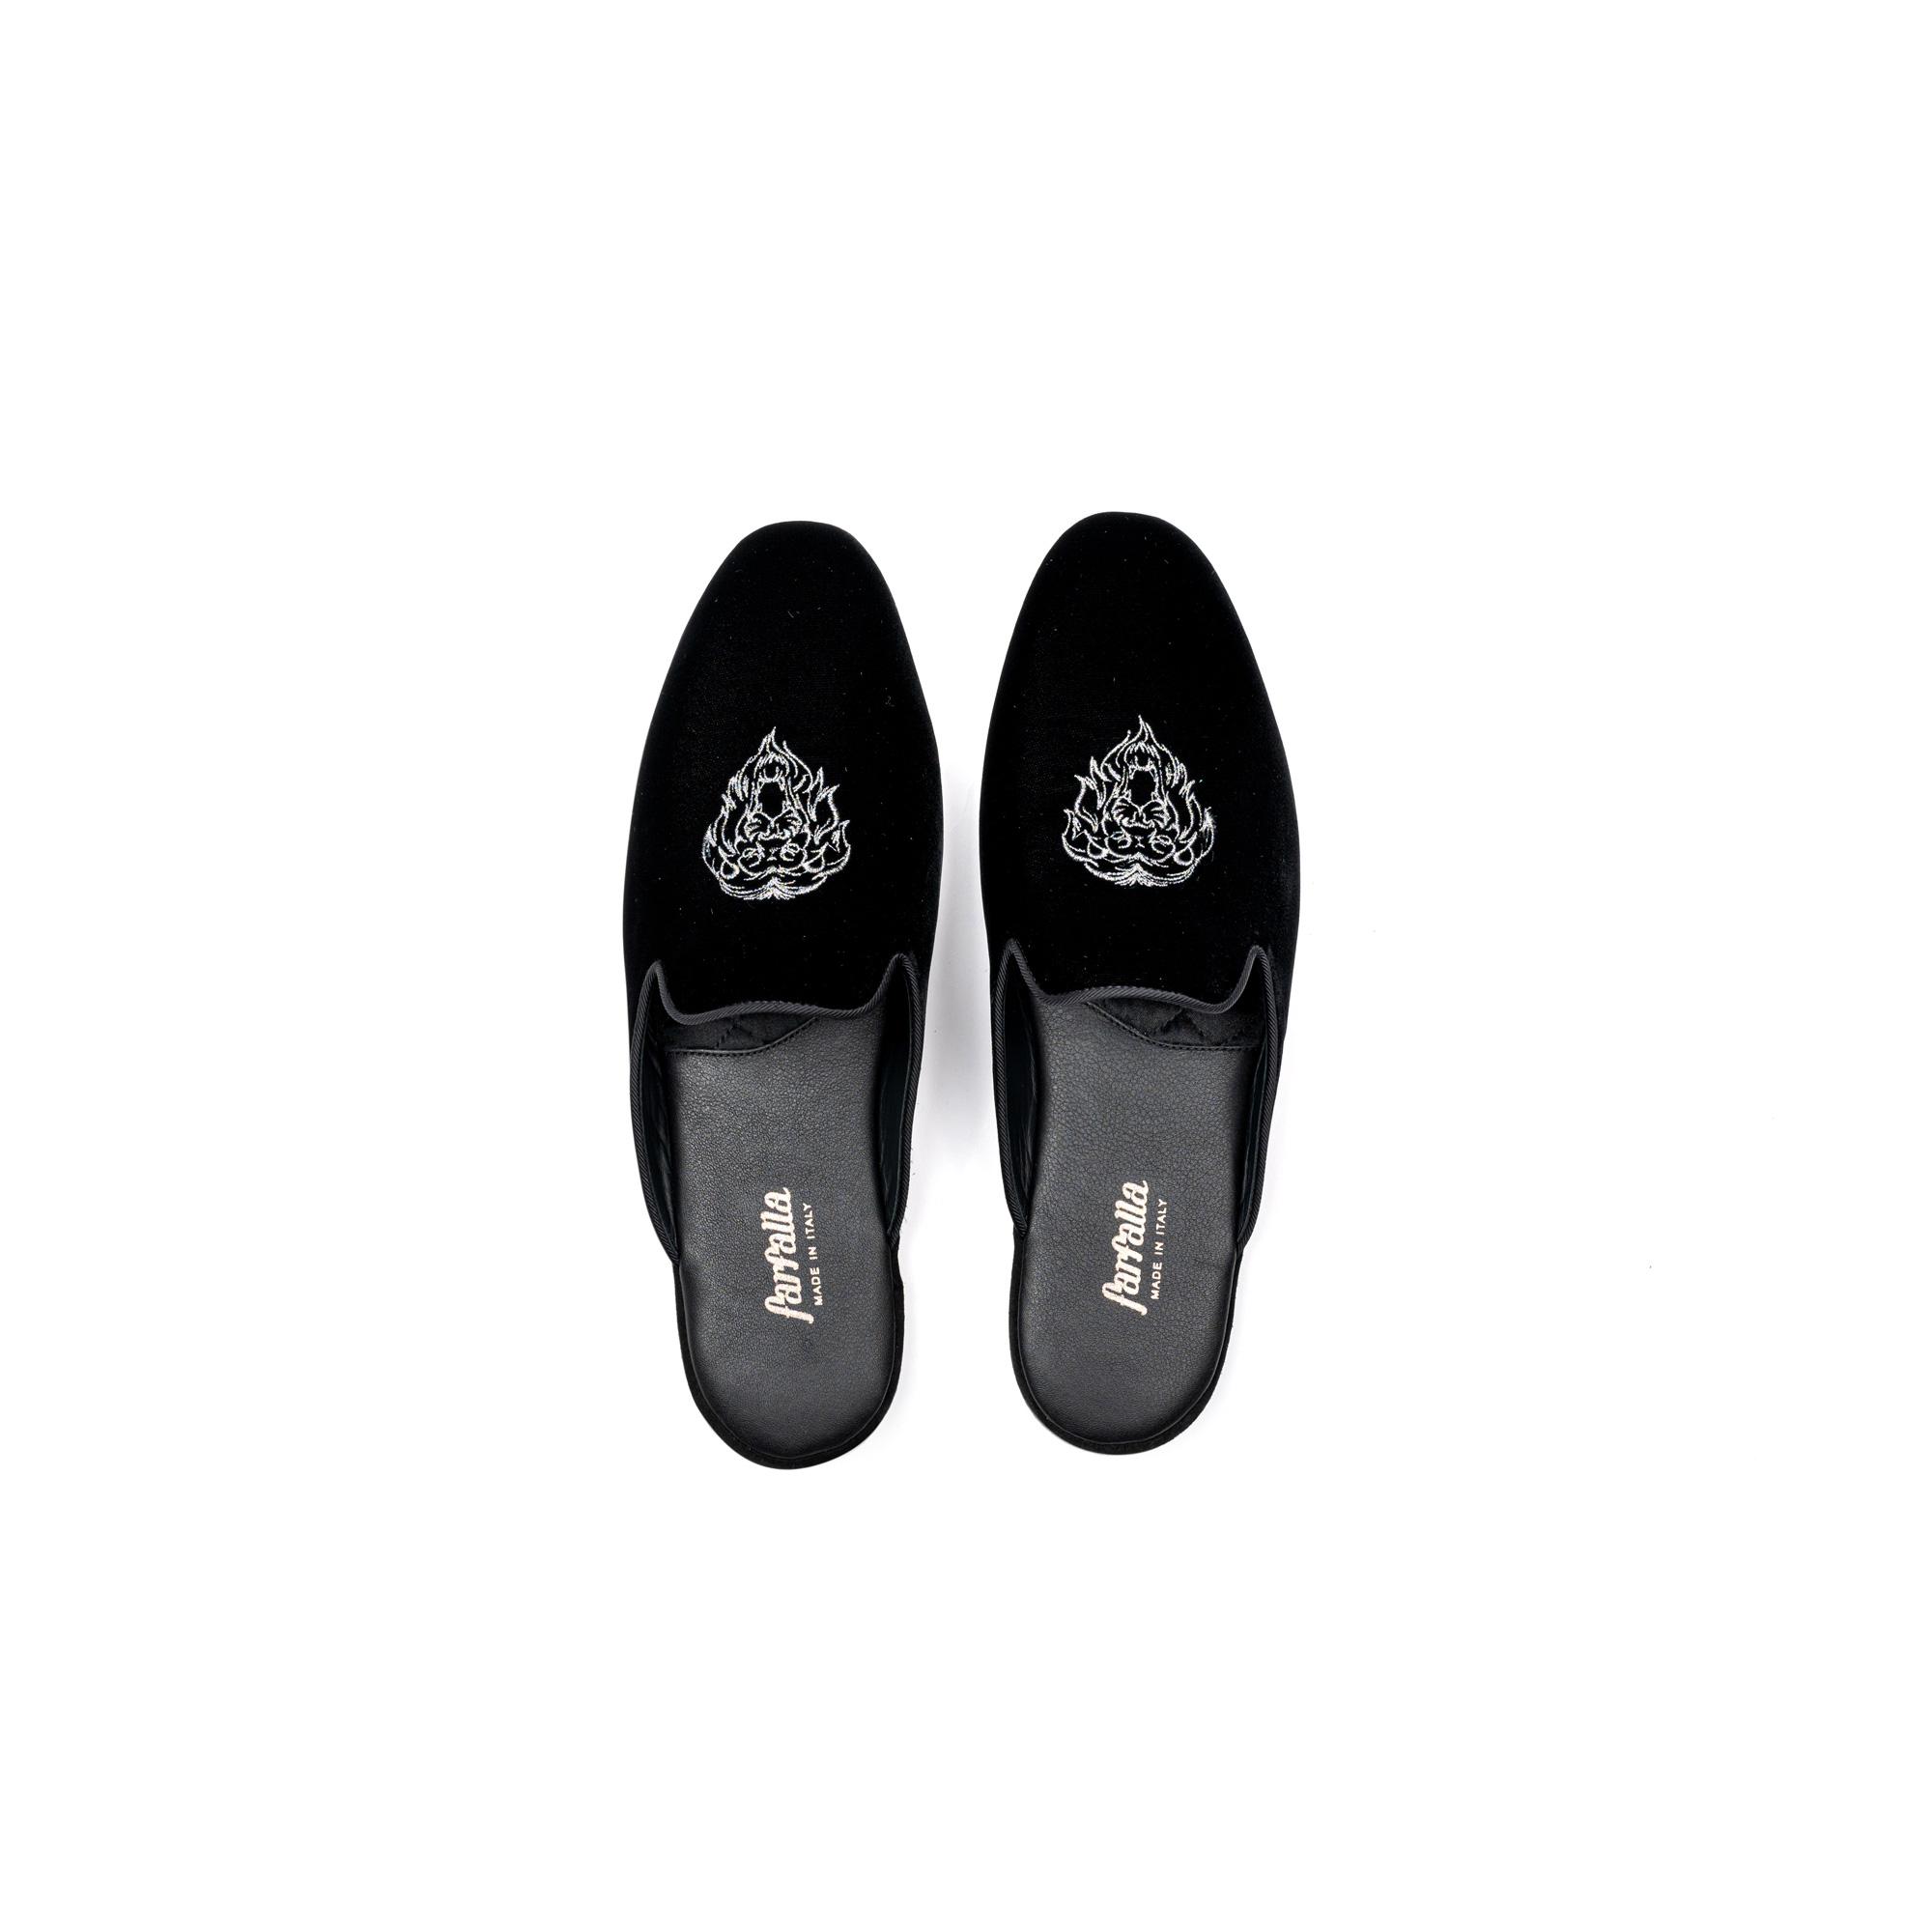 Pantofola interno sera in velluto nero - Farfalla italian slippers